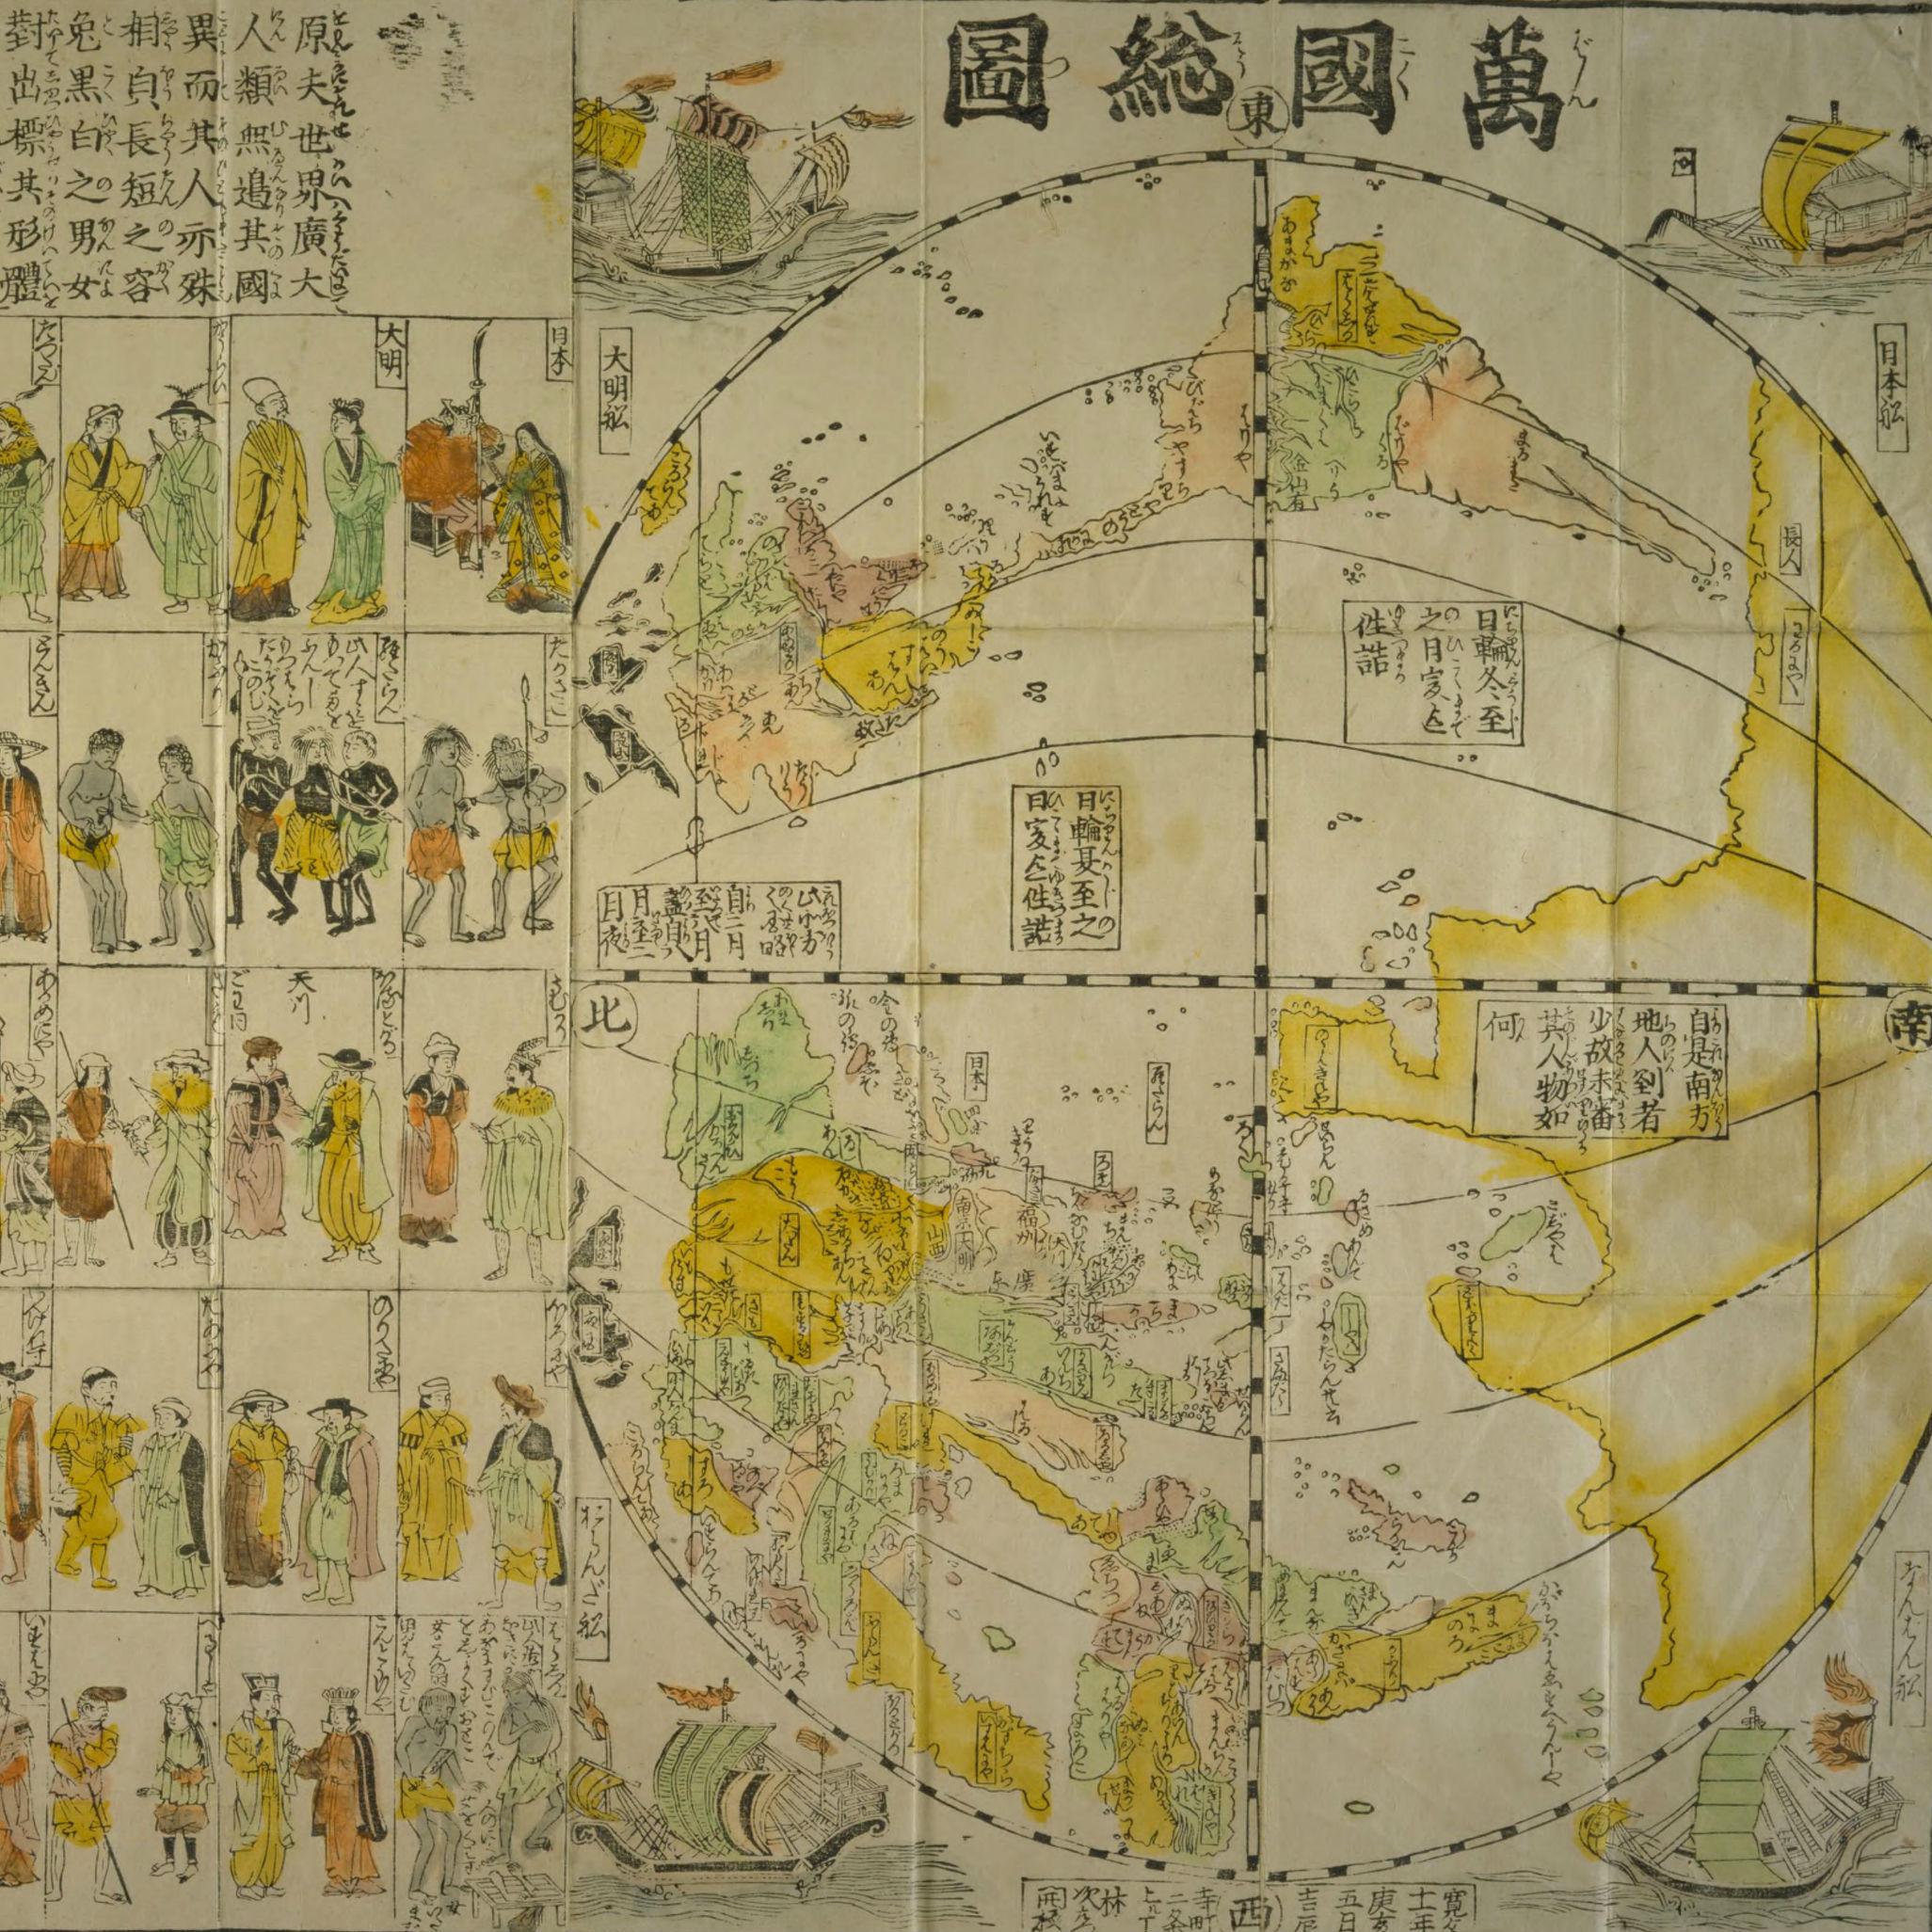 日本型華夷秩序が形成された!?<br />江戸時代の日本人の世界観